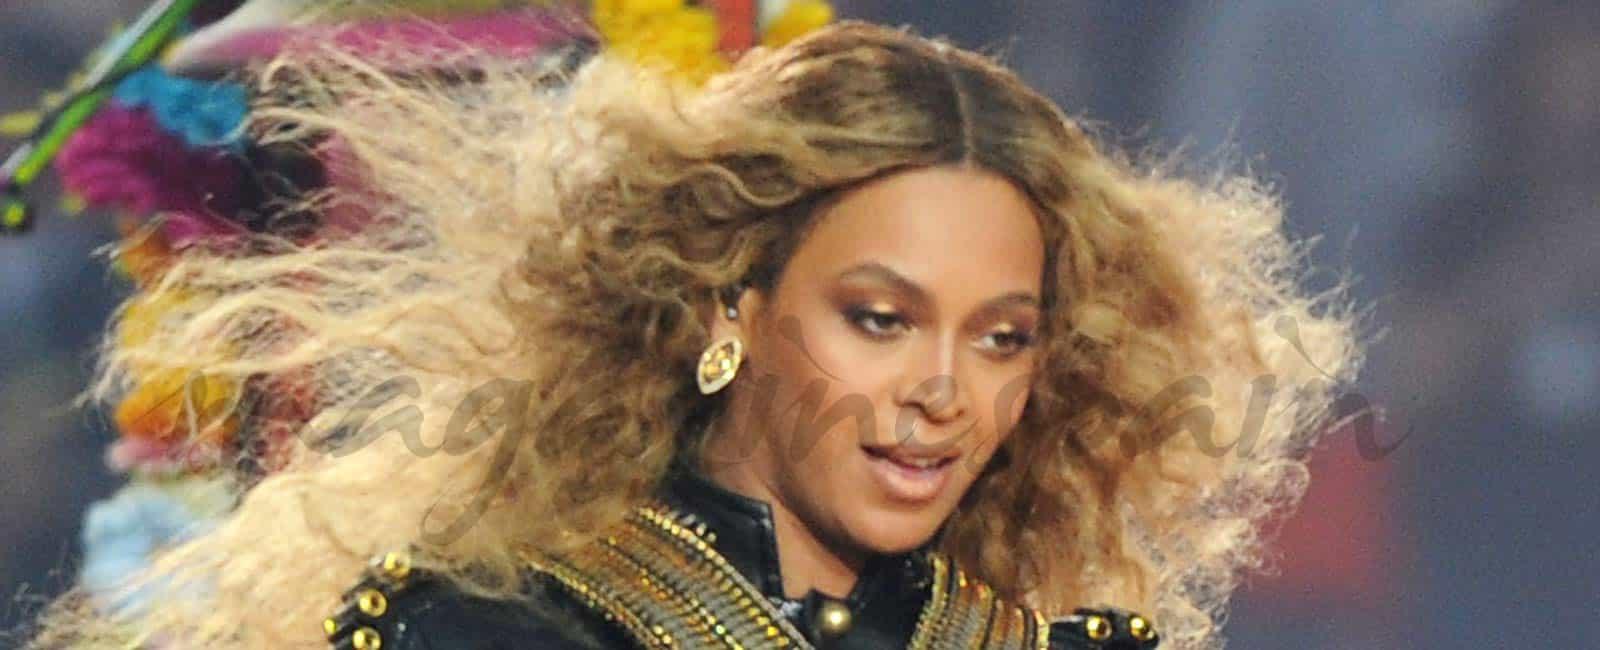 Beyoncé, concierto en el Estadio Olímpico de Barcelona